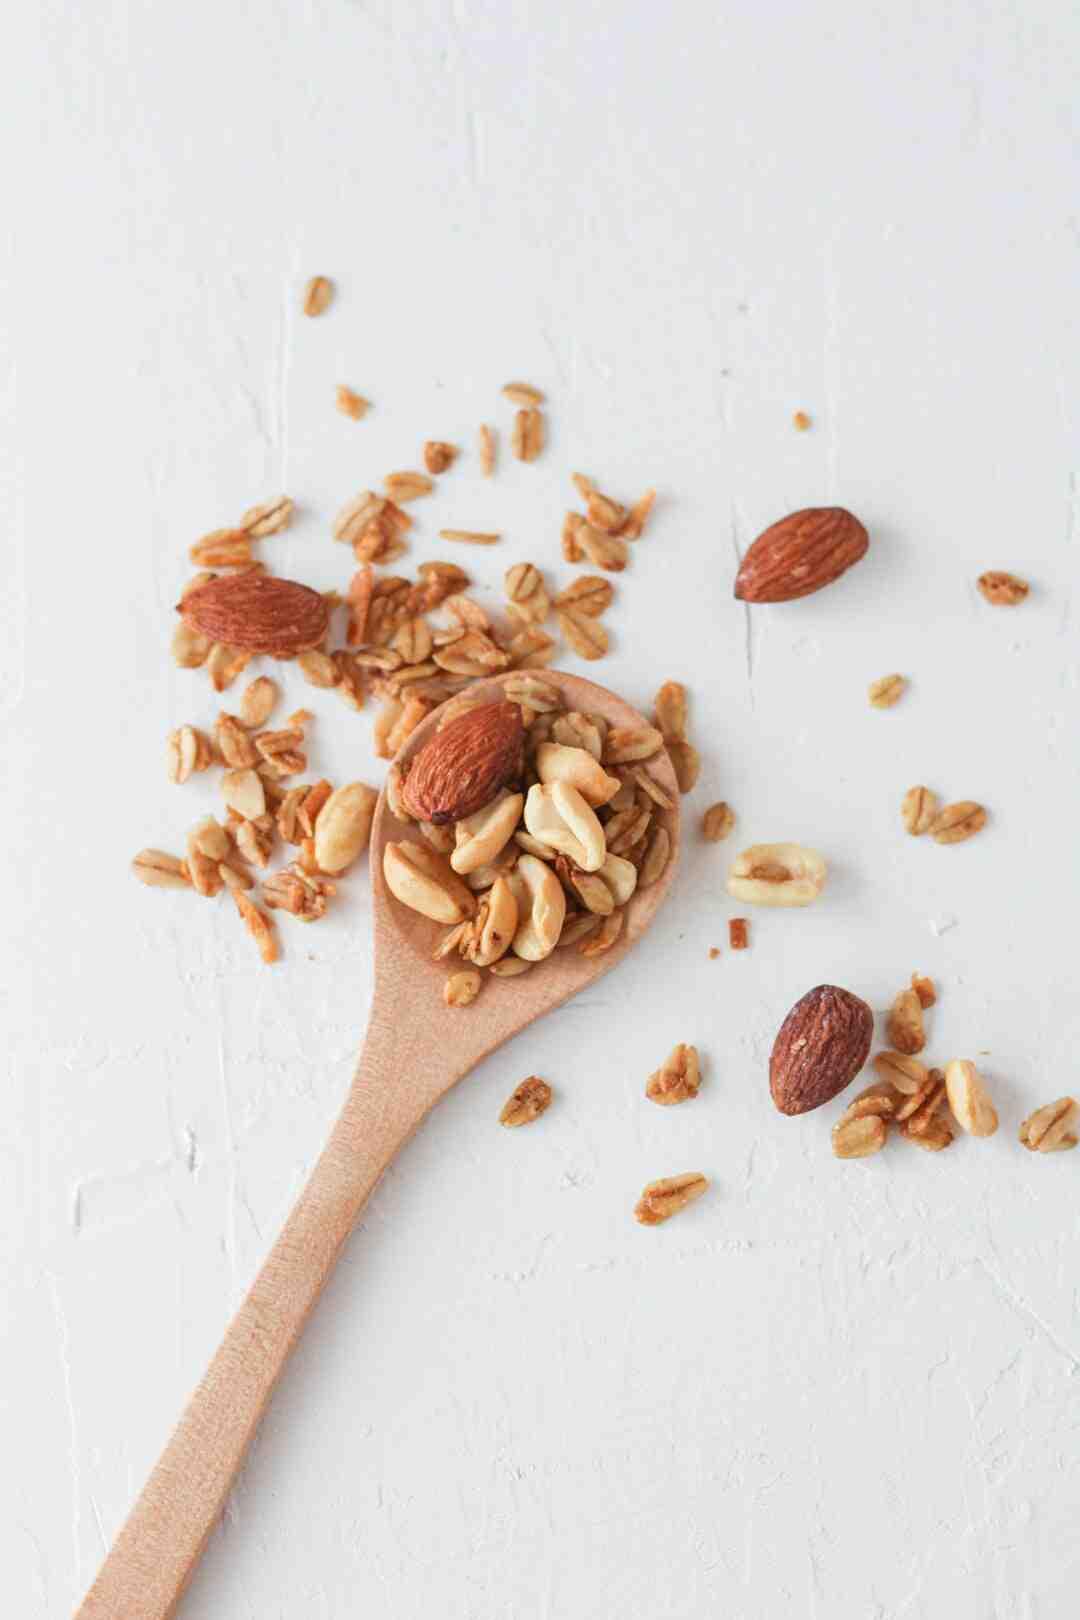 Comment faire sécher des noix